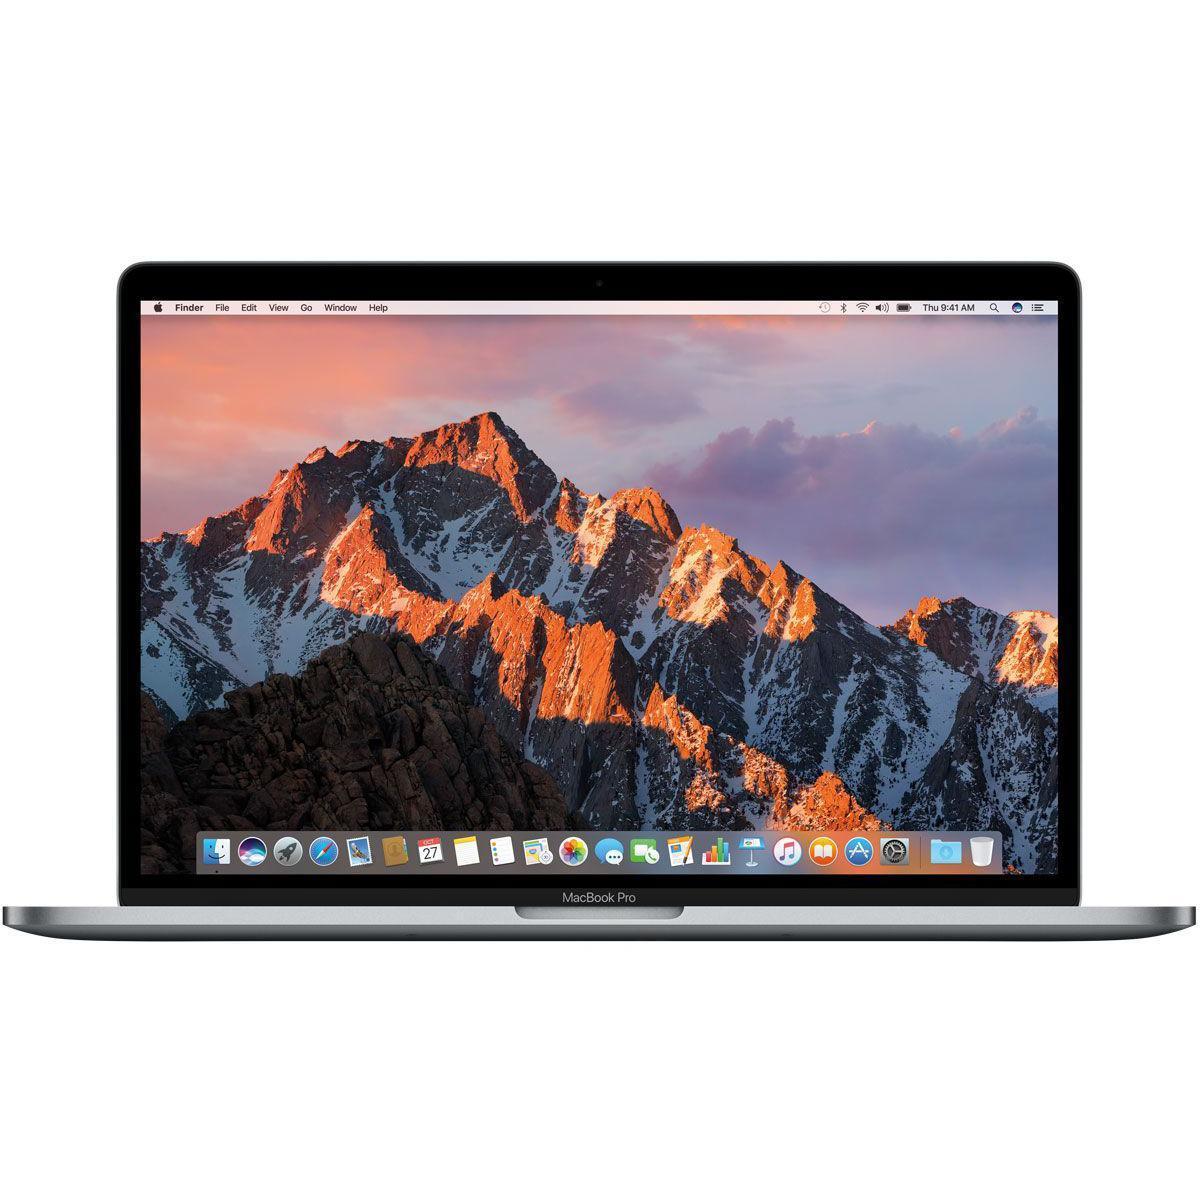 MacBook Pro Retina 15,4-tum (2017) - Core i7 - 16GB - SSD 512 GB QWERTY - Engelska (USA)